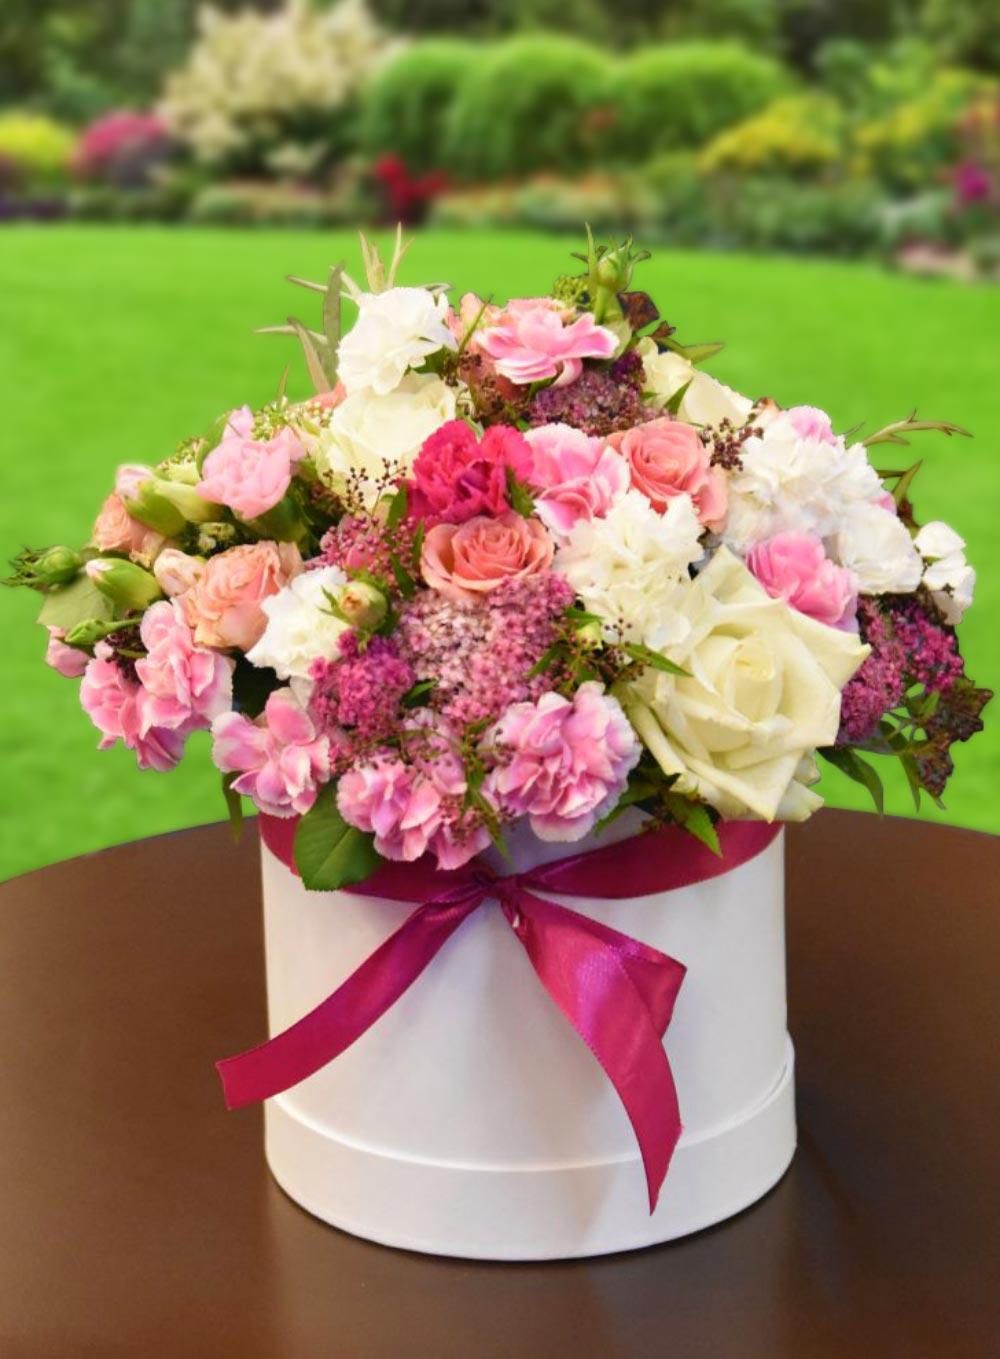 Tasini Fiorista - shop - Maxi Flowerbox